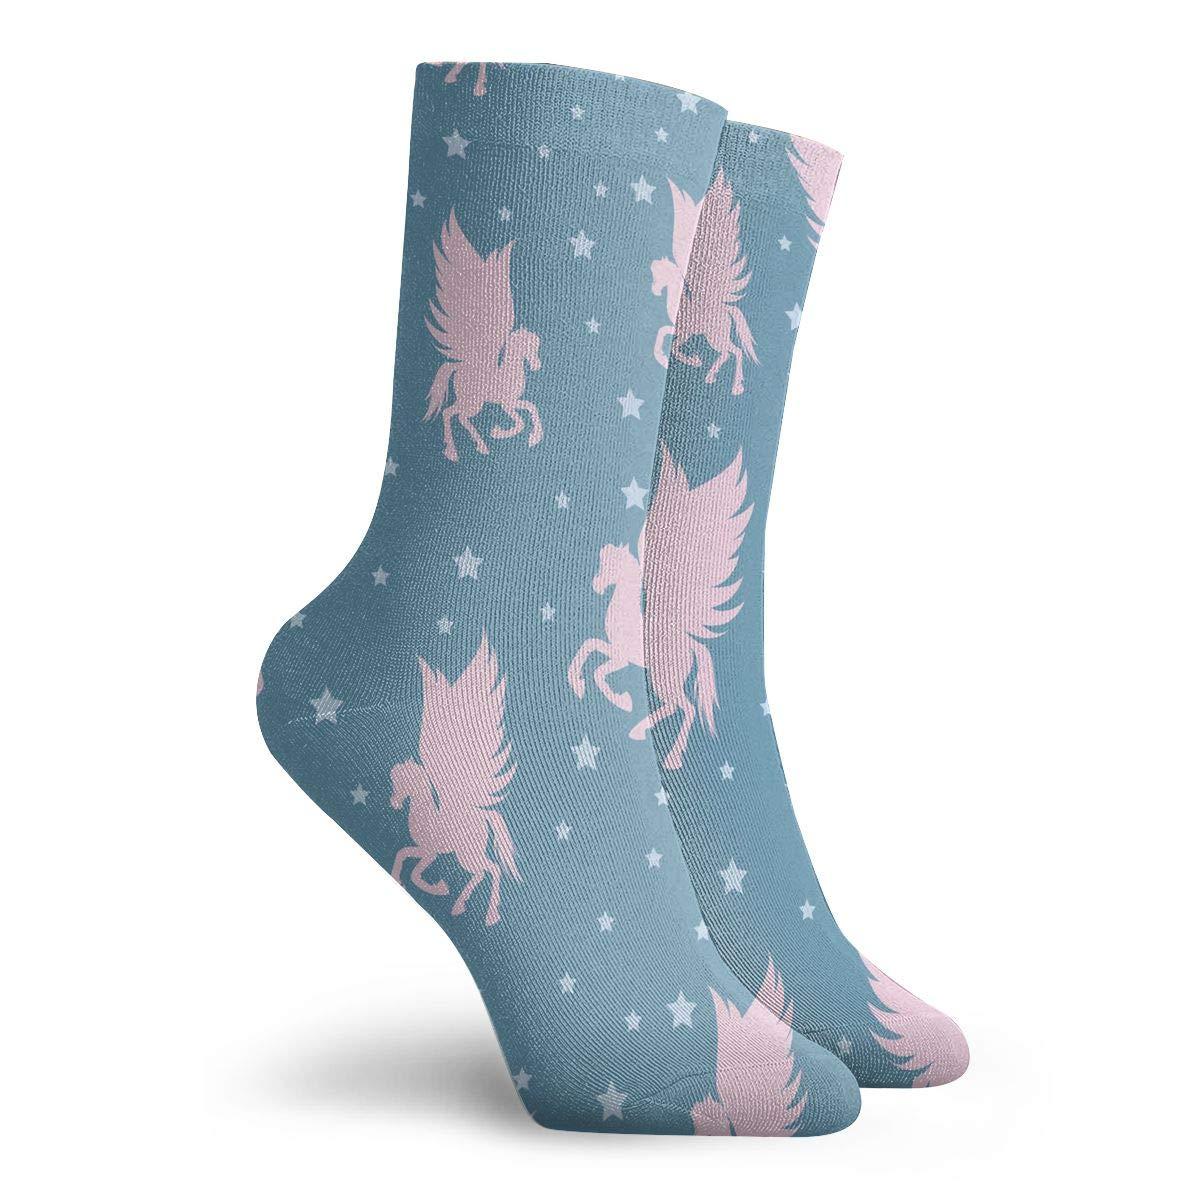 Pink Silhouettes Of Flying Pegasus Fashion Dress Socks Short Socks Leisure Travel 11.8 Inch